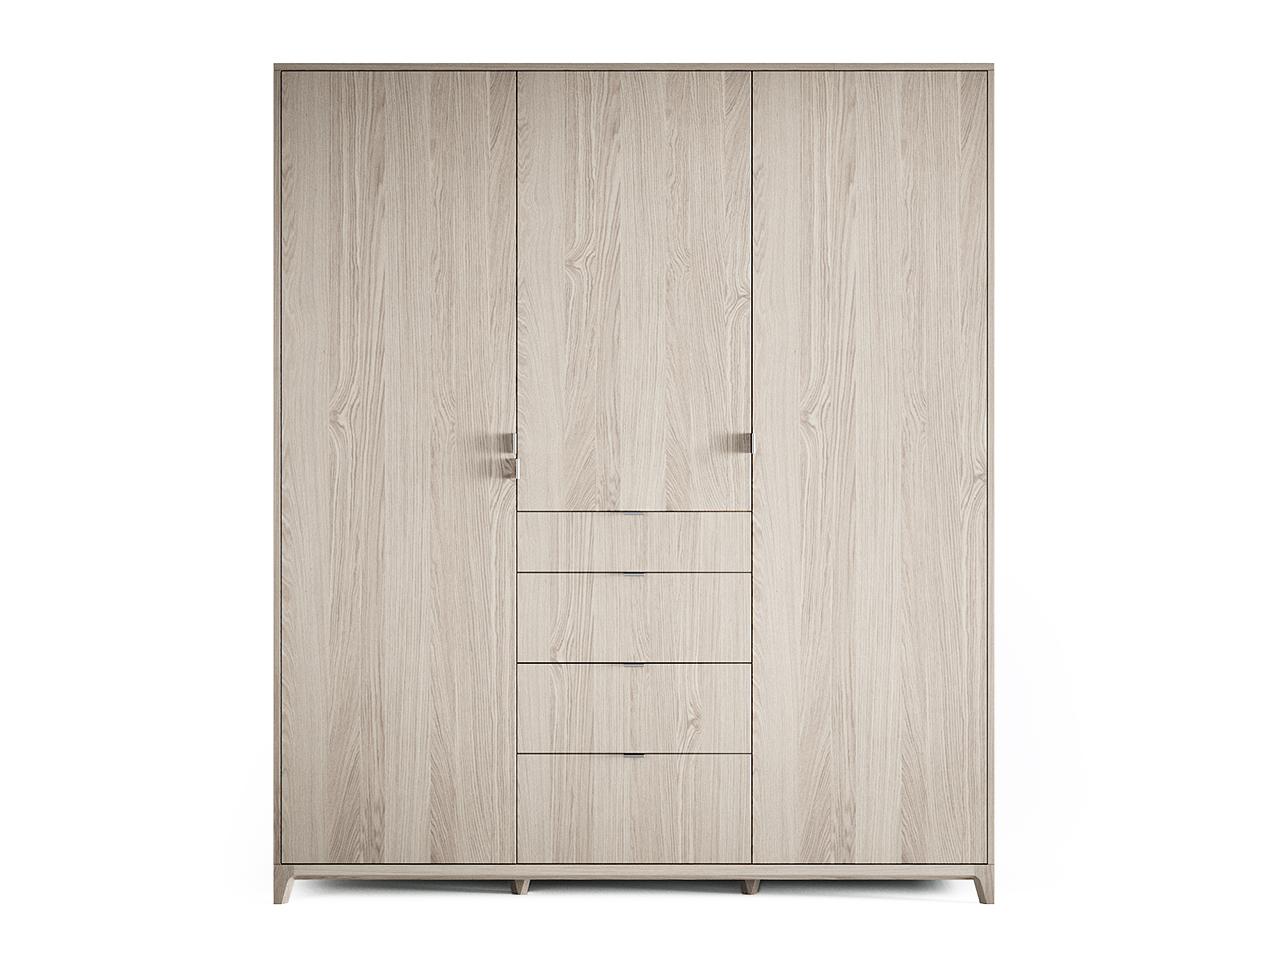 Шкаф Case №2 (беленый)Платяные шкафы<br>Еще более вместительный, прочный и удобный шкаф CASE №2 сочетает в себе продуманную структуру и современный дизайн.В новом варианте предлагаются ящики с внешними фасадами, а также обновленное наполнение шкафов. Внутри комфортно расположены полки и штанги для вешалок, сплошная перфорация позволяет устанавливать полки в удобном положении,предусмотрено два возможных положения штанг (для хранения длинных вещей / для большего количества вещей). В комплекте поставляется дополнительная полка и дополнительная штанга для вешалок.&amp;lt;div&amp;gt;&amp;lt;br&amp;gt;&amp;lt;/div&amp;gt;&amp;lt;div&amp;gt;Материал: Массив дуба, натуральный шпон дуба, МДФ, ДСП, лак&amp;lt;br&amp;gt;&amp;lt;/div&amp;gt;<br><br>Material: Дуб<br>Ширина см: 180.0<br>Высота см: 210.0<br>Глубина см: 60.0